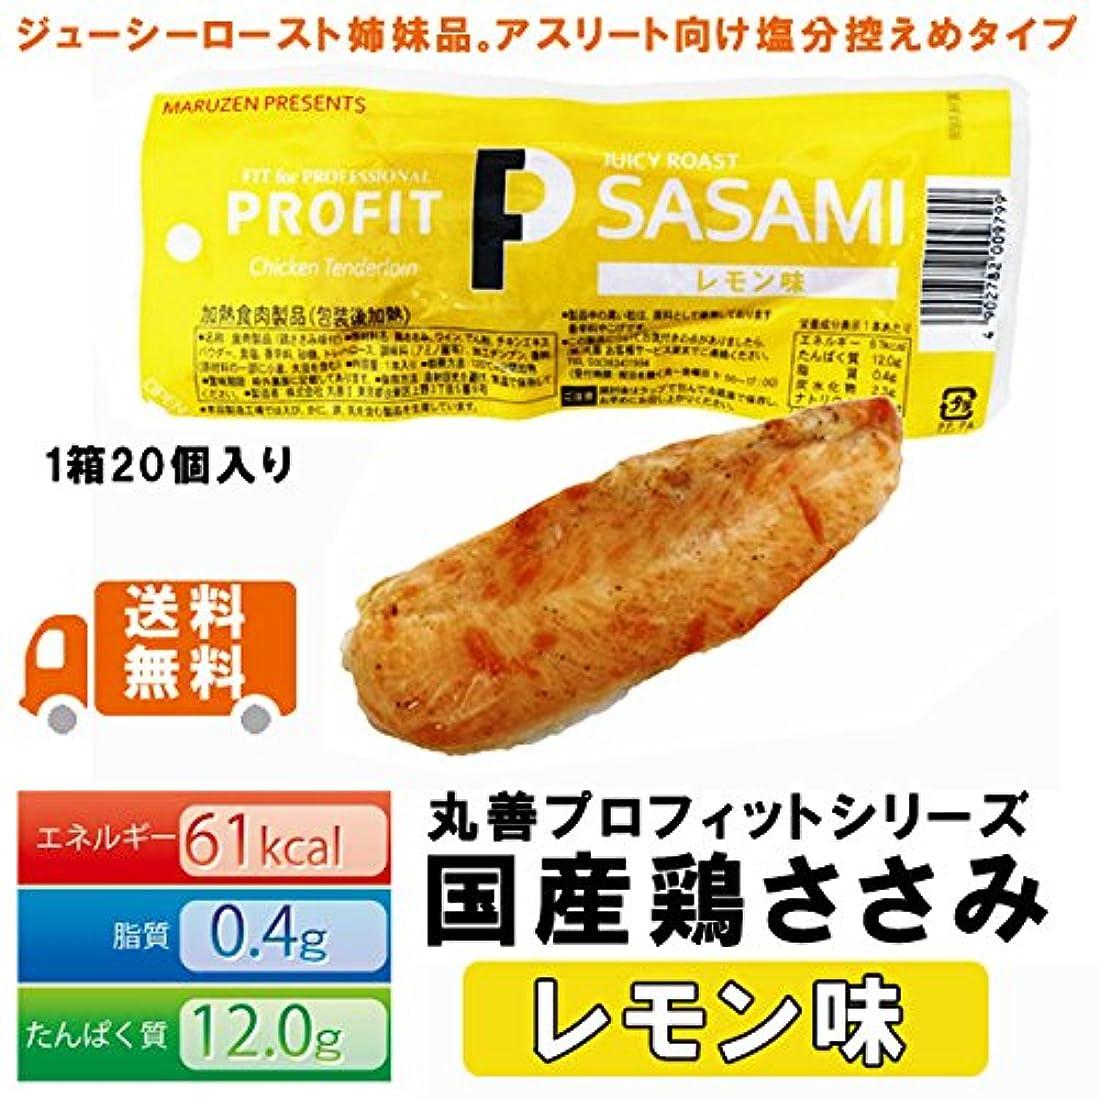 シーサイド事クスクス丸善 PRO-FIT プロフィットささみ 鶏ささみ レモン味 1箱20本入り